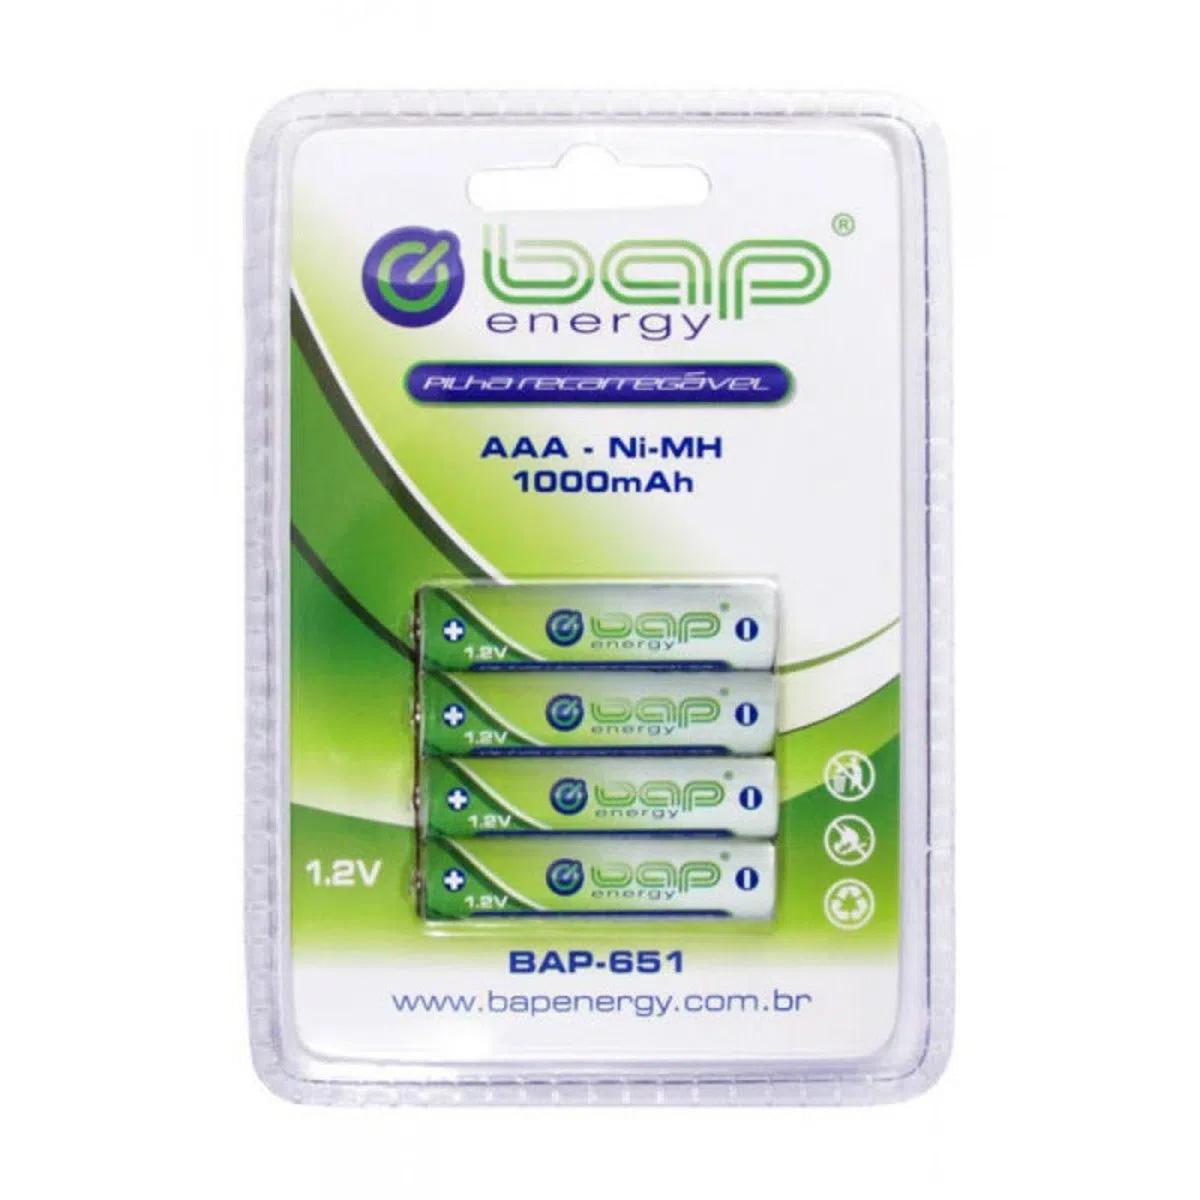 4 Pilhas AAA Recarregáveis 1.2V 1000 mAh BAP BAP-651